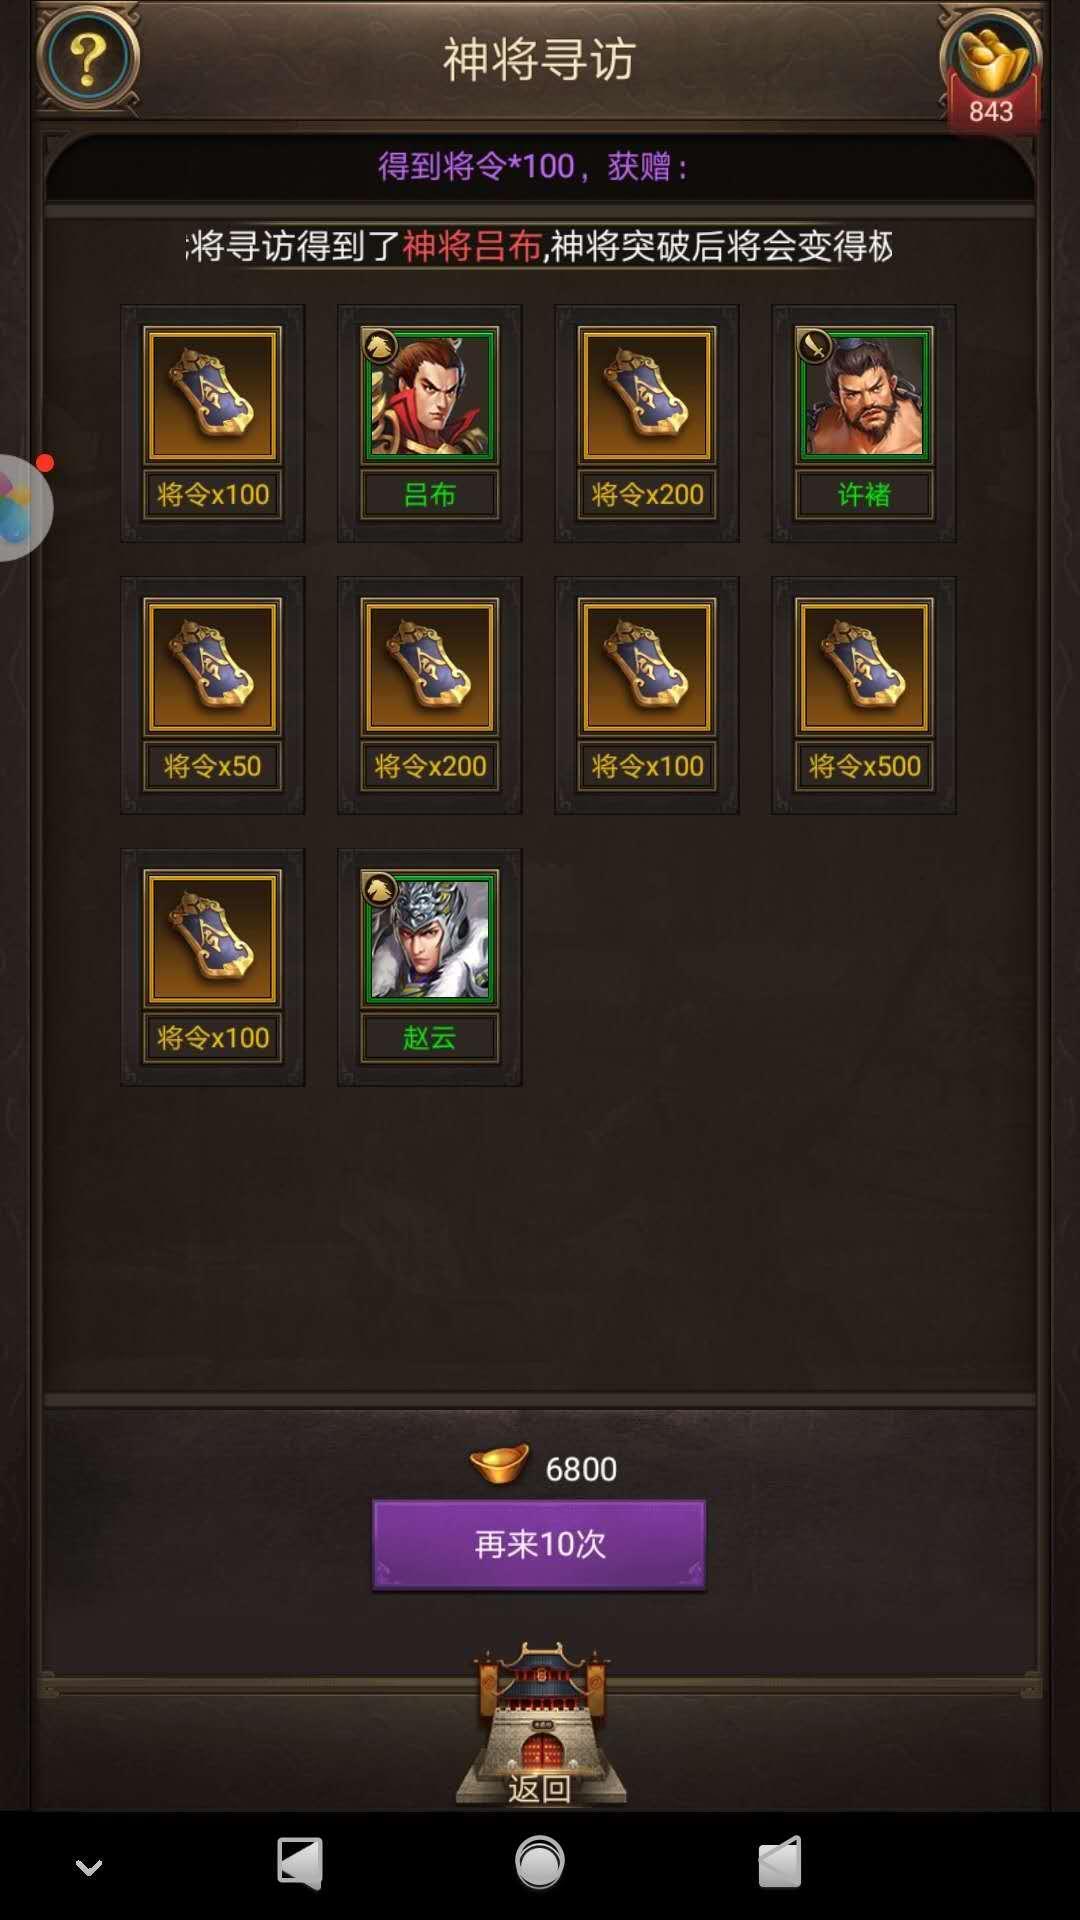 Screenshot_2018-09-22-07-02-21-267_com.tencent.mm.png